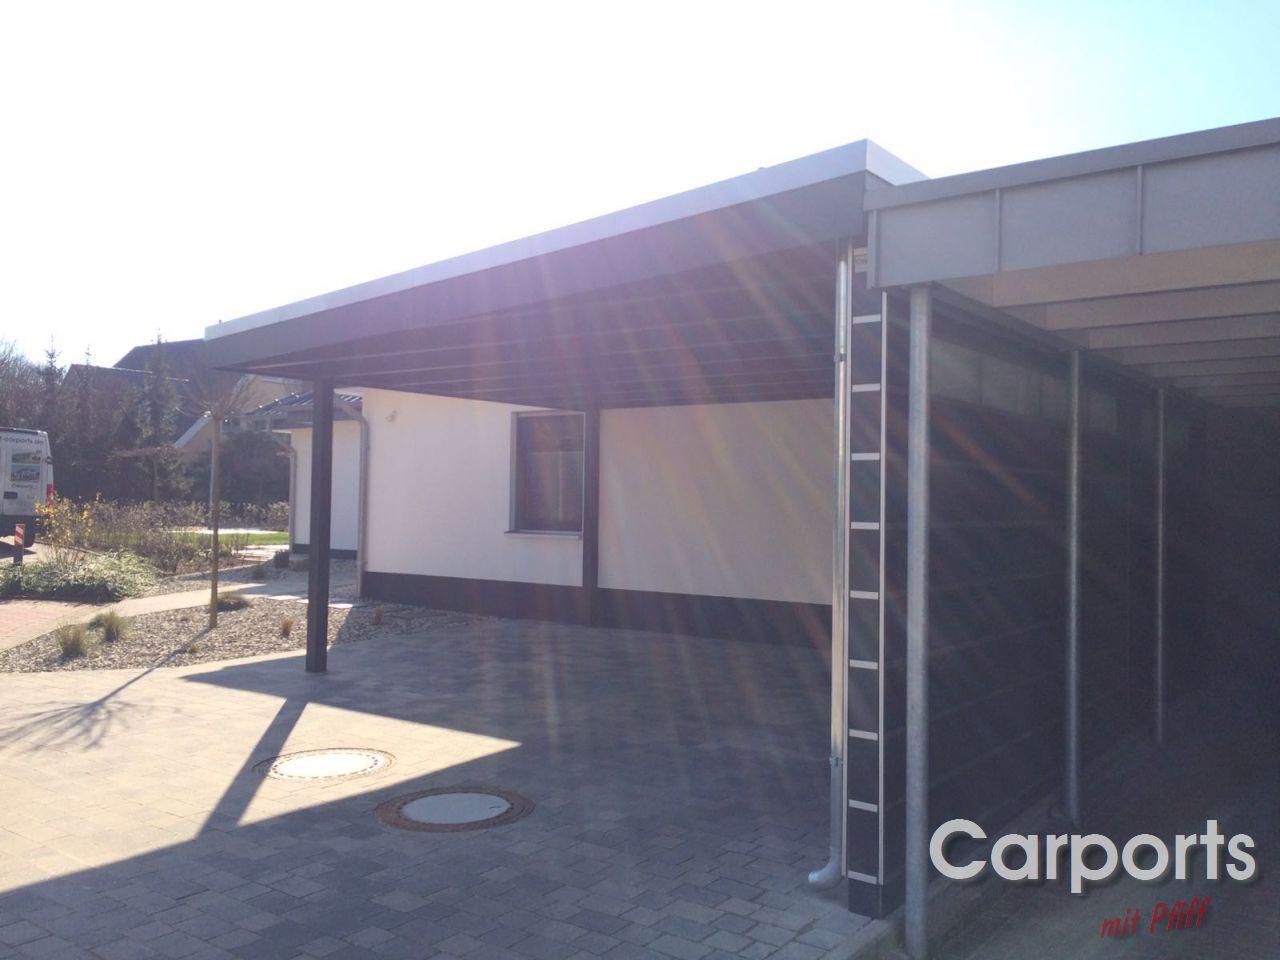 carport bauhaus hpl mit abstellraum und seitenwand carports mit pfiff. Black Bedroom Furniture Sets. Home Design Ideas